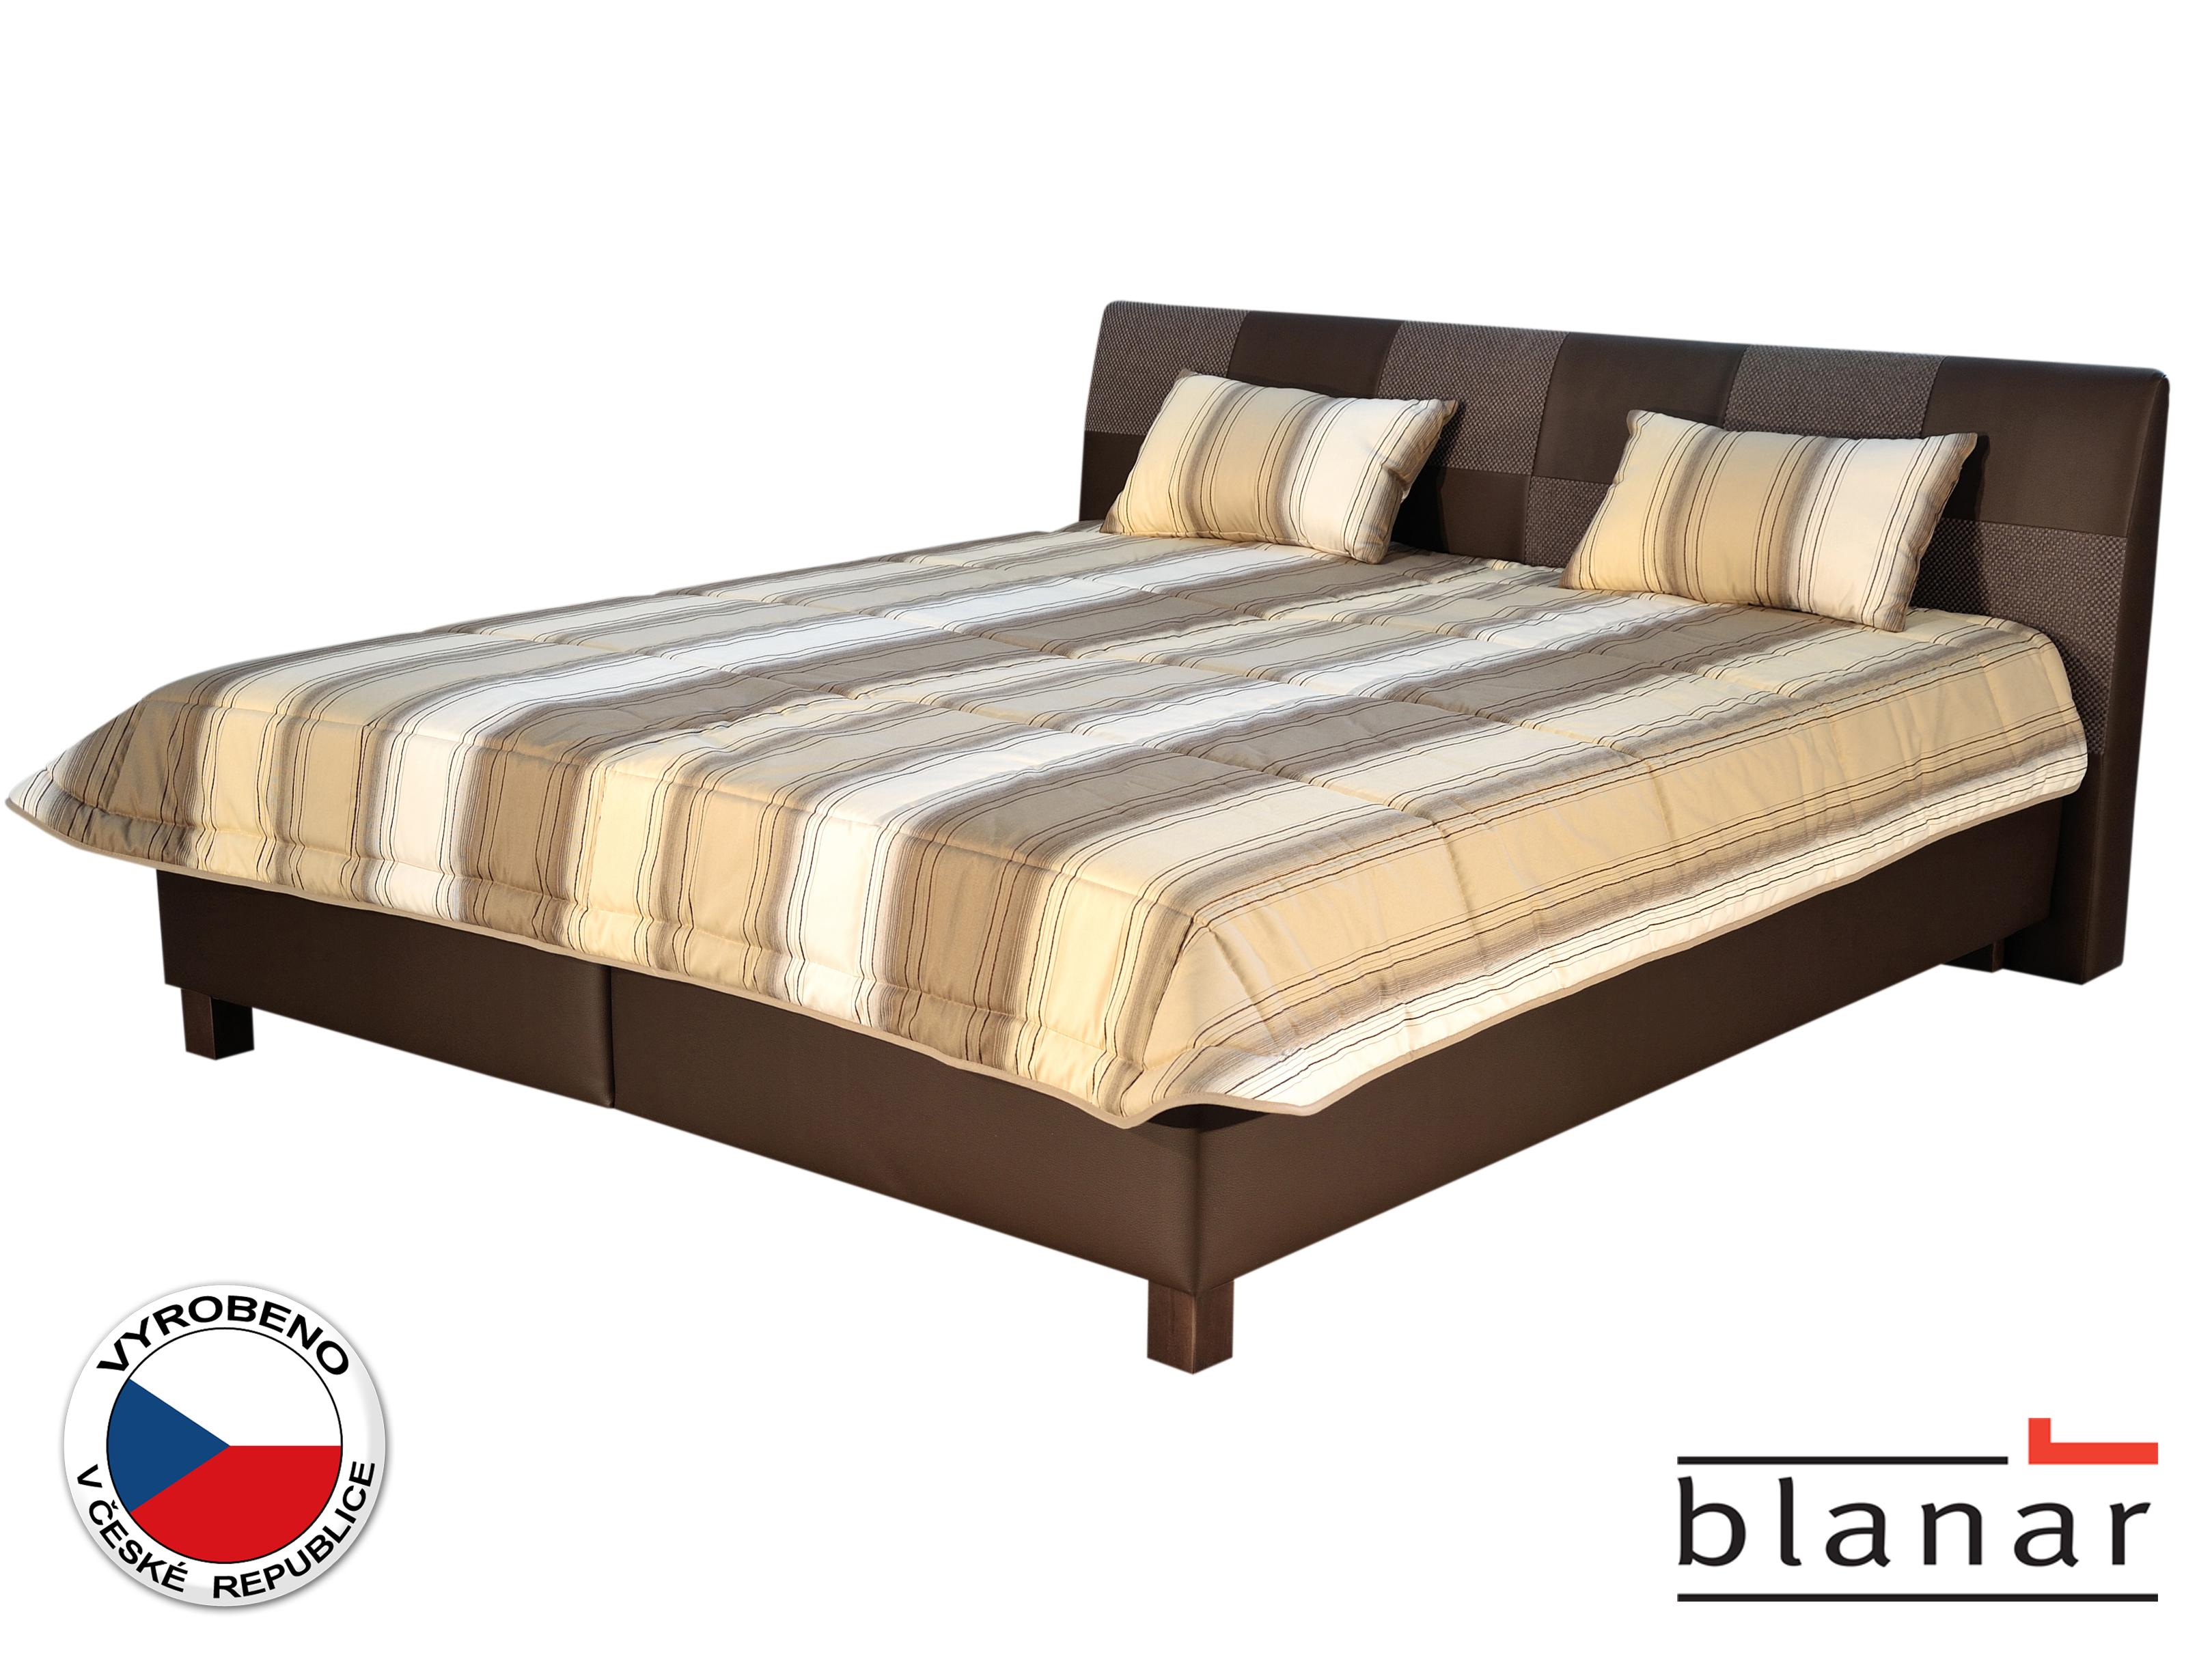 Manželská postel 180 cm - Blanár - Nice (s roštem a matracemi) (béžová + hnědá)